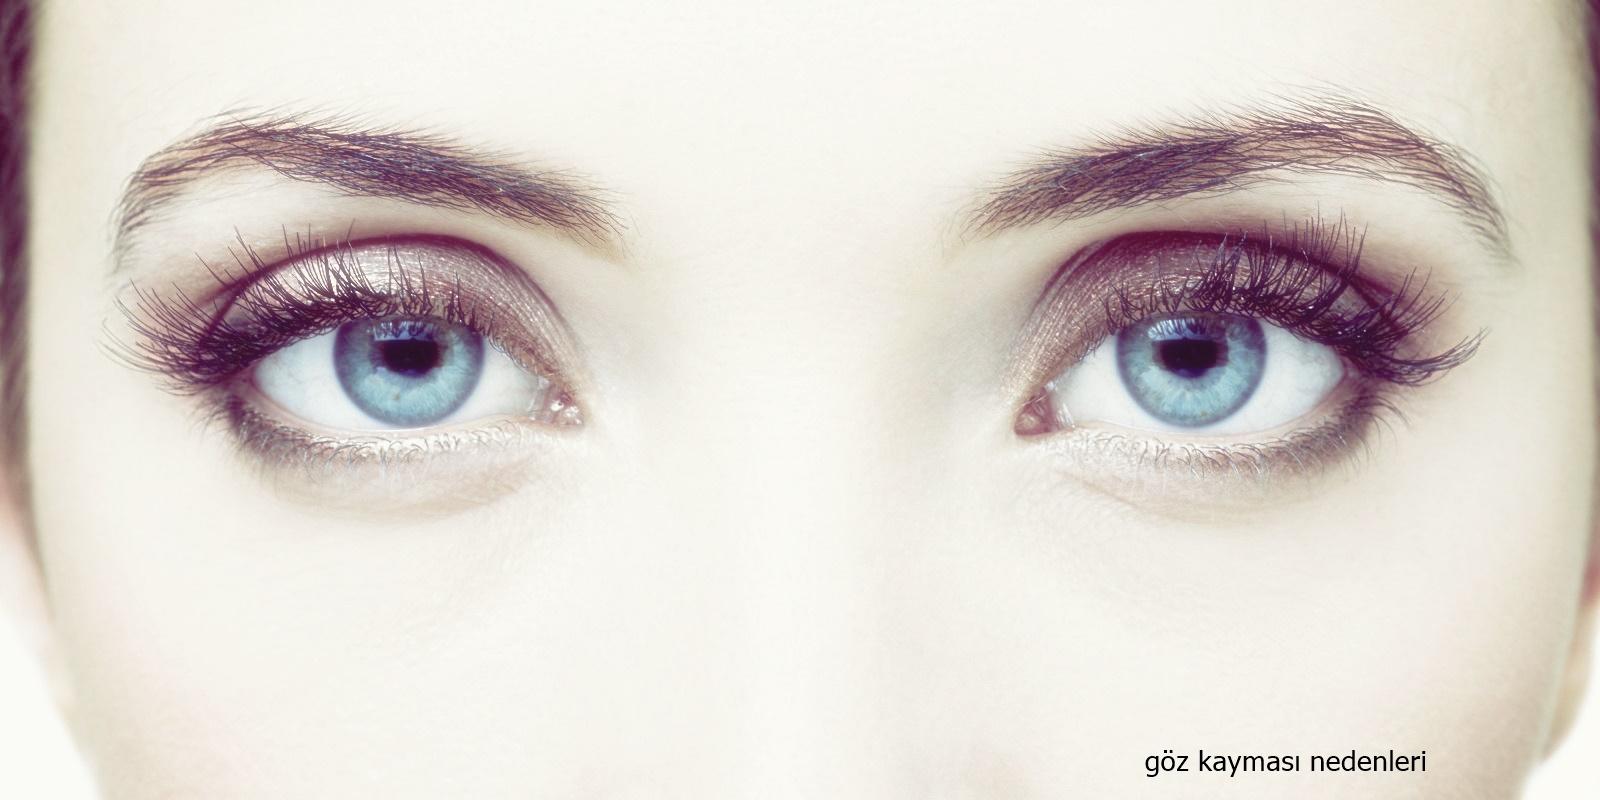 Göz Kaymasının Nedenleri